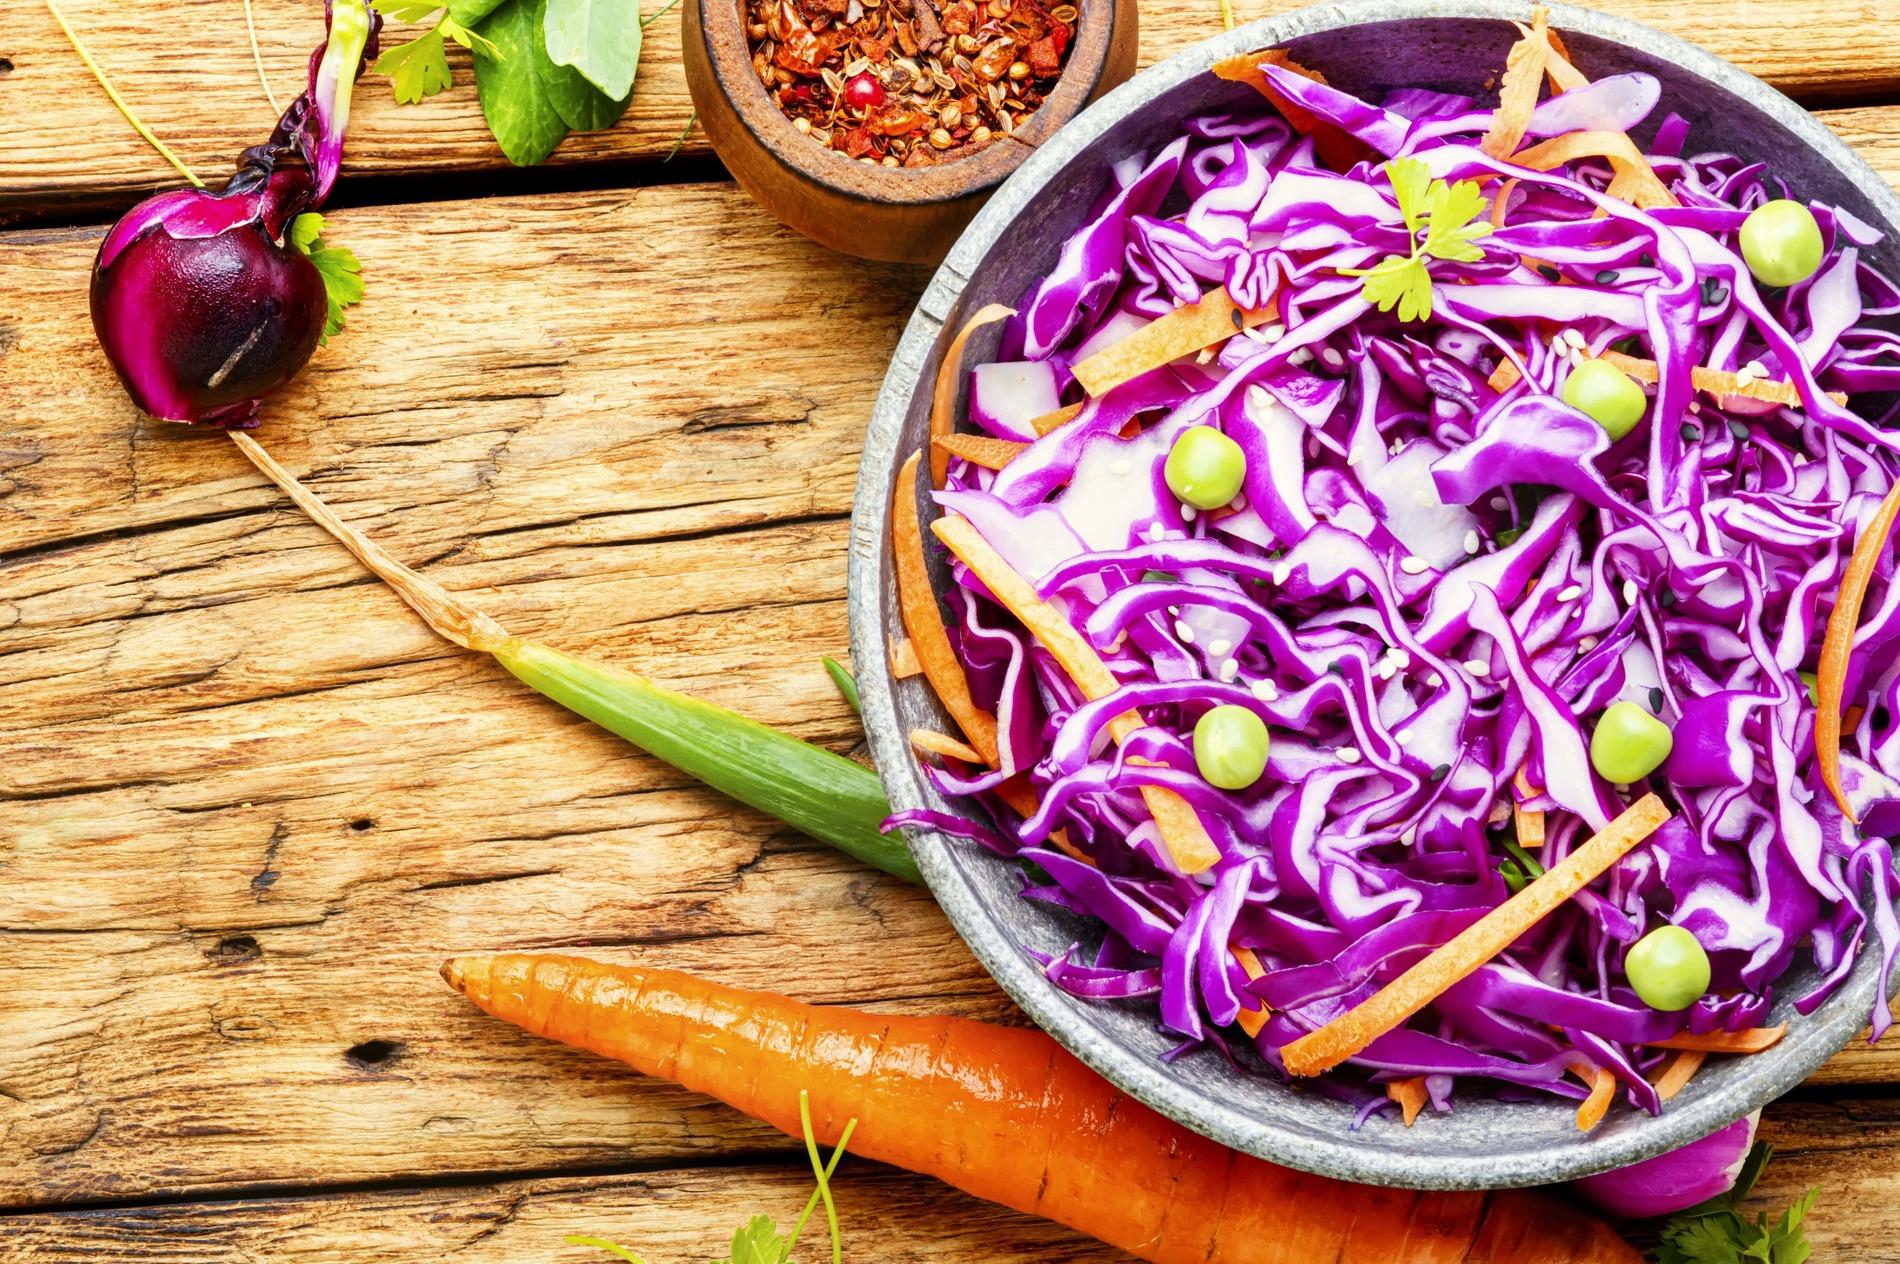 foto da receita Salada de repolho roxo com amêndoas